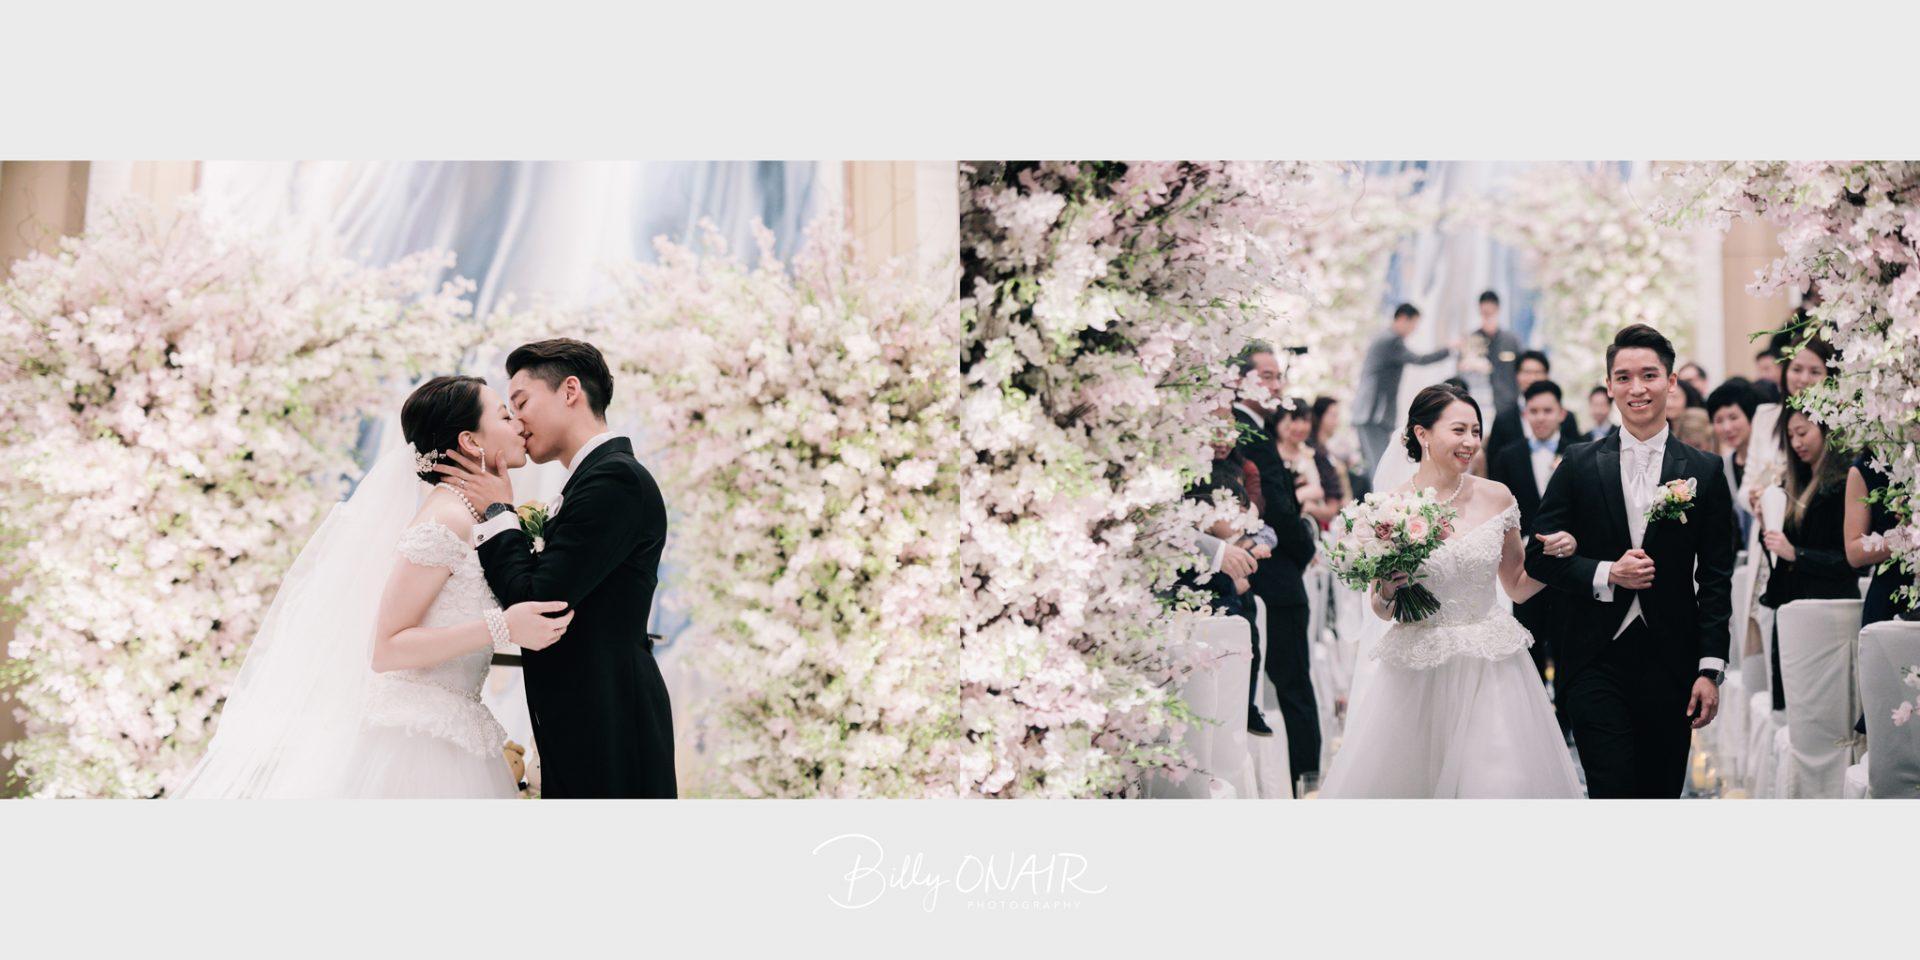 weddingphoto_24